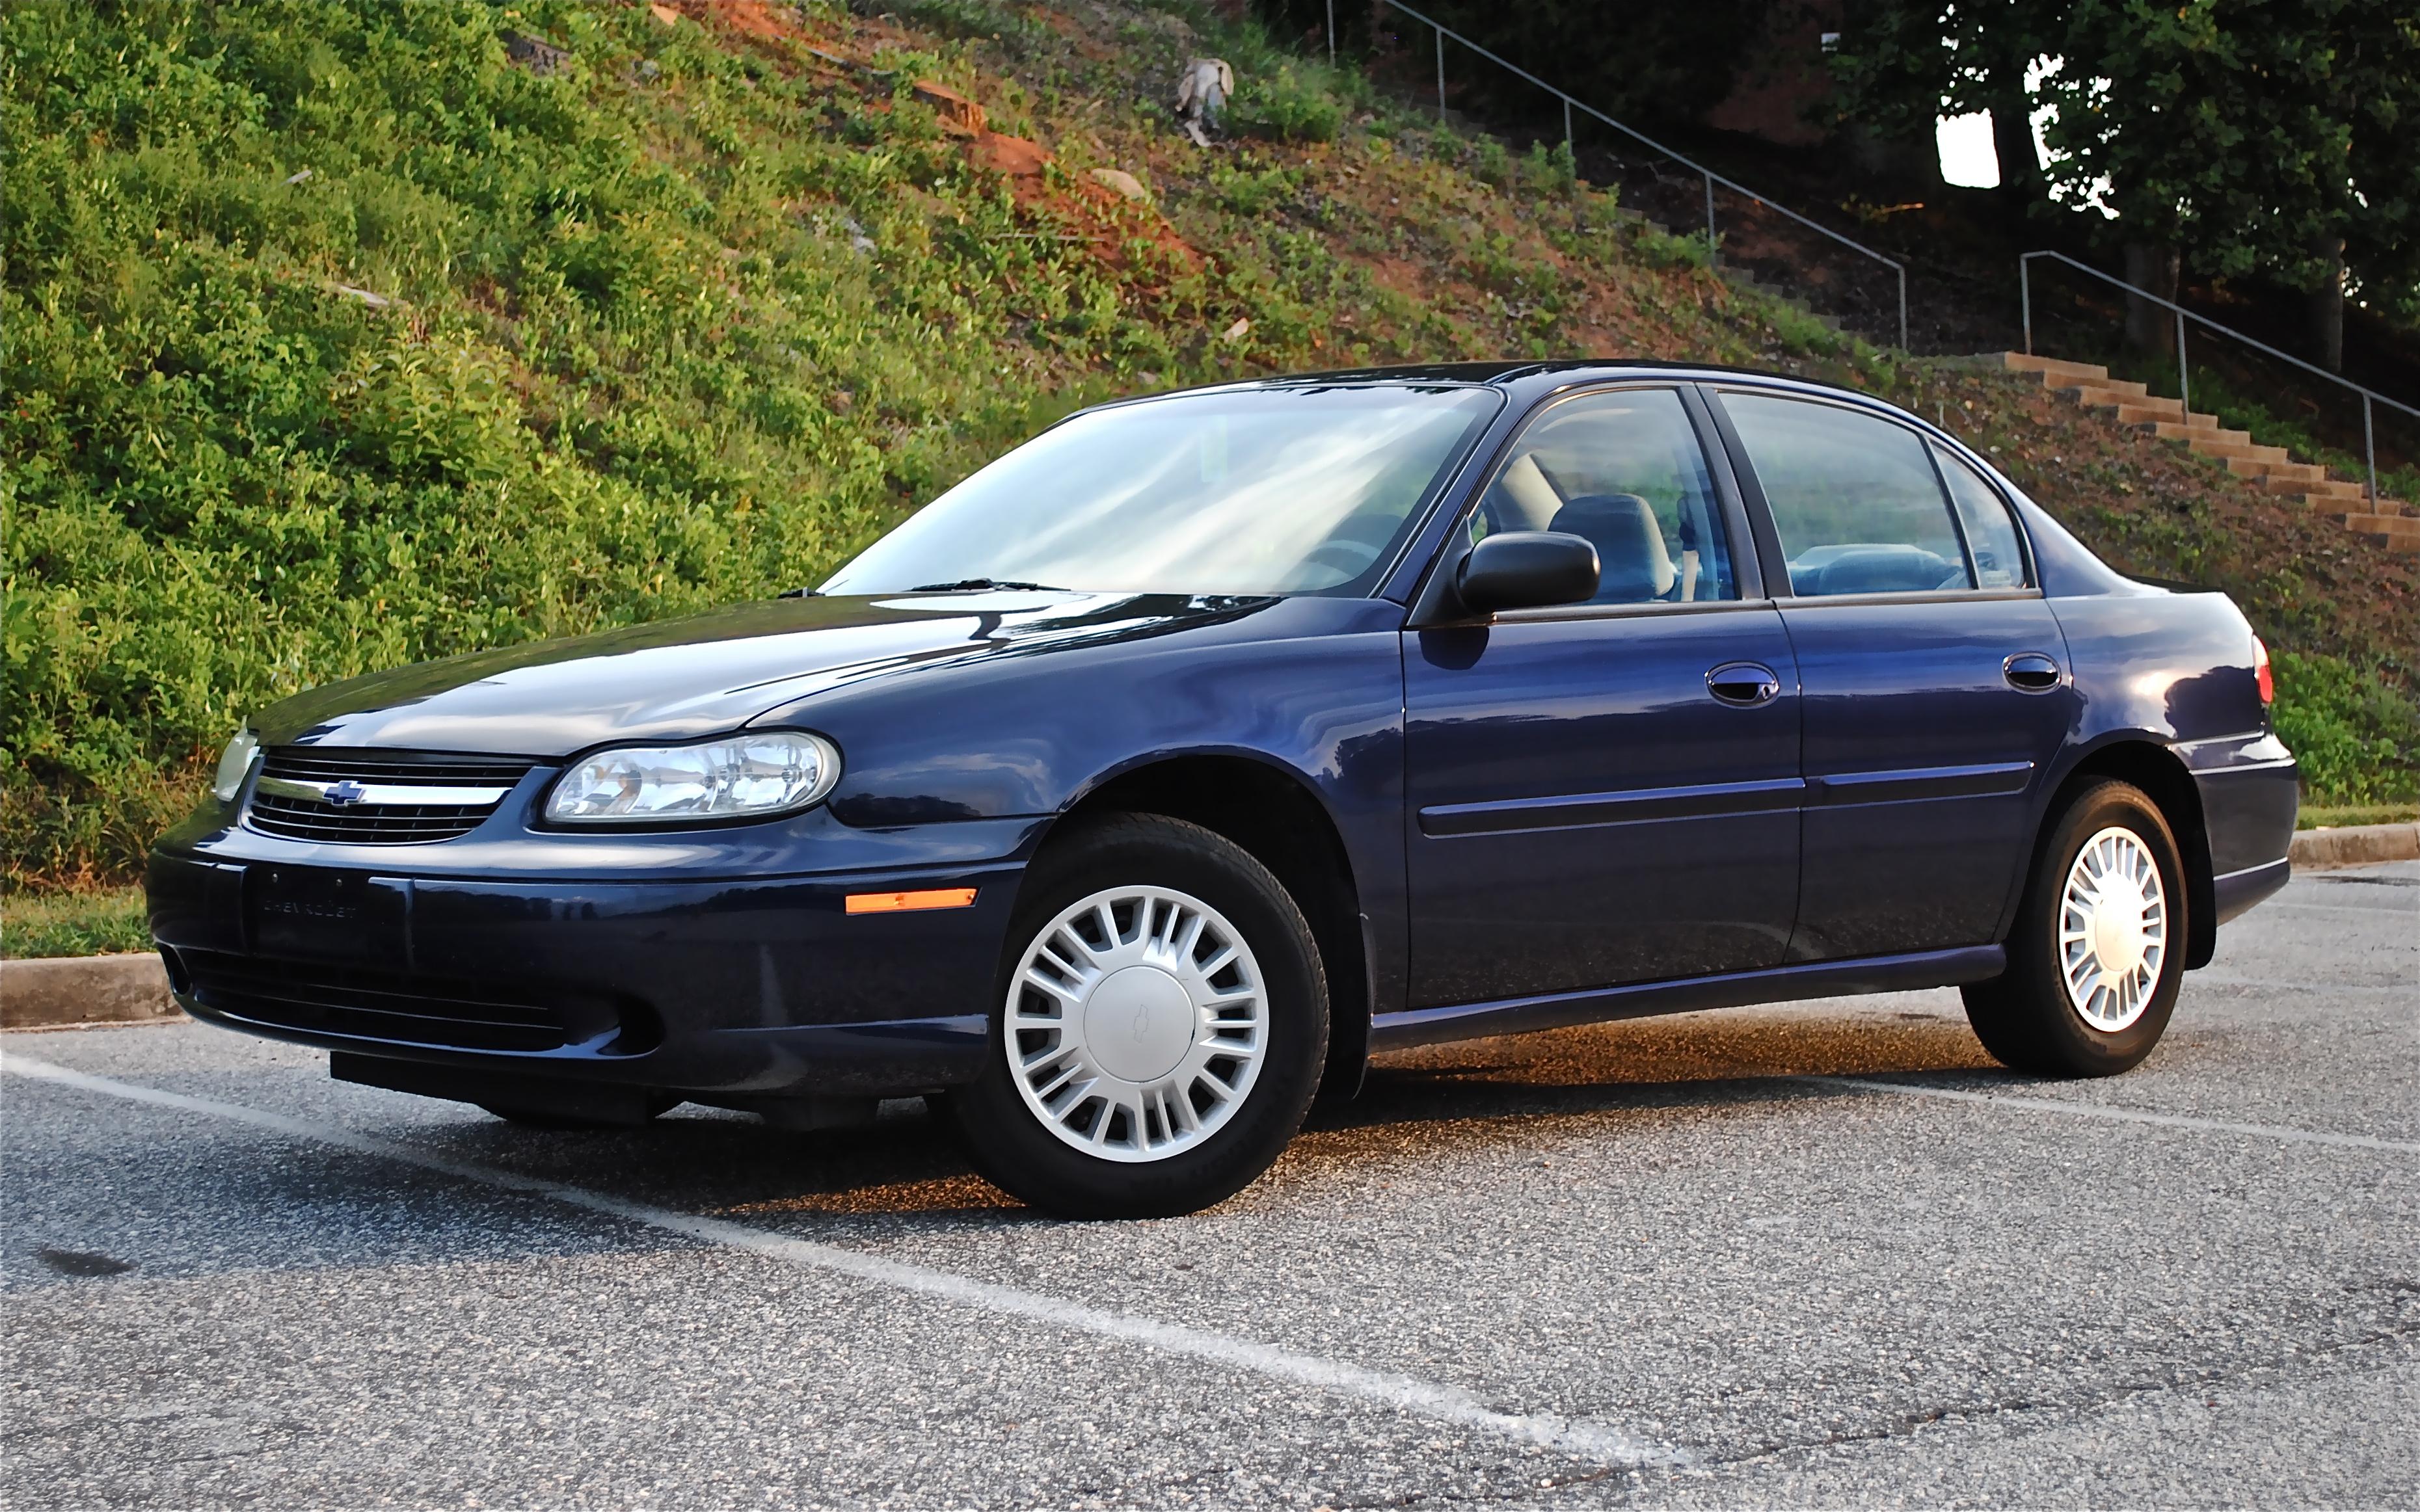 Chevrolet Impala - Wikipedia, the free encyclopedia